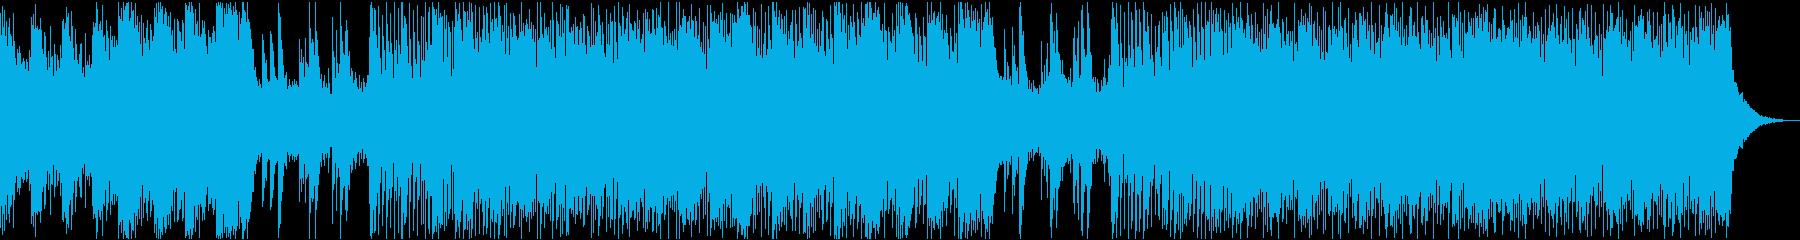 綺麗/ハウス/企業VP/製品紹介/OPの再生済みの波形